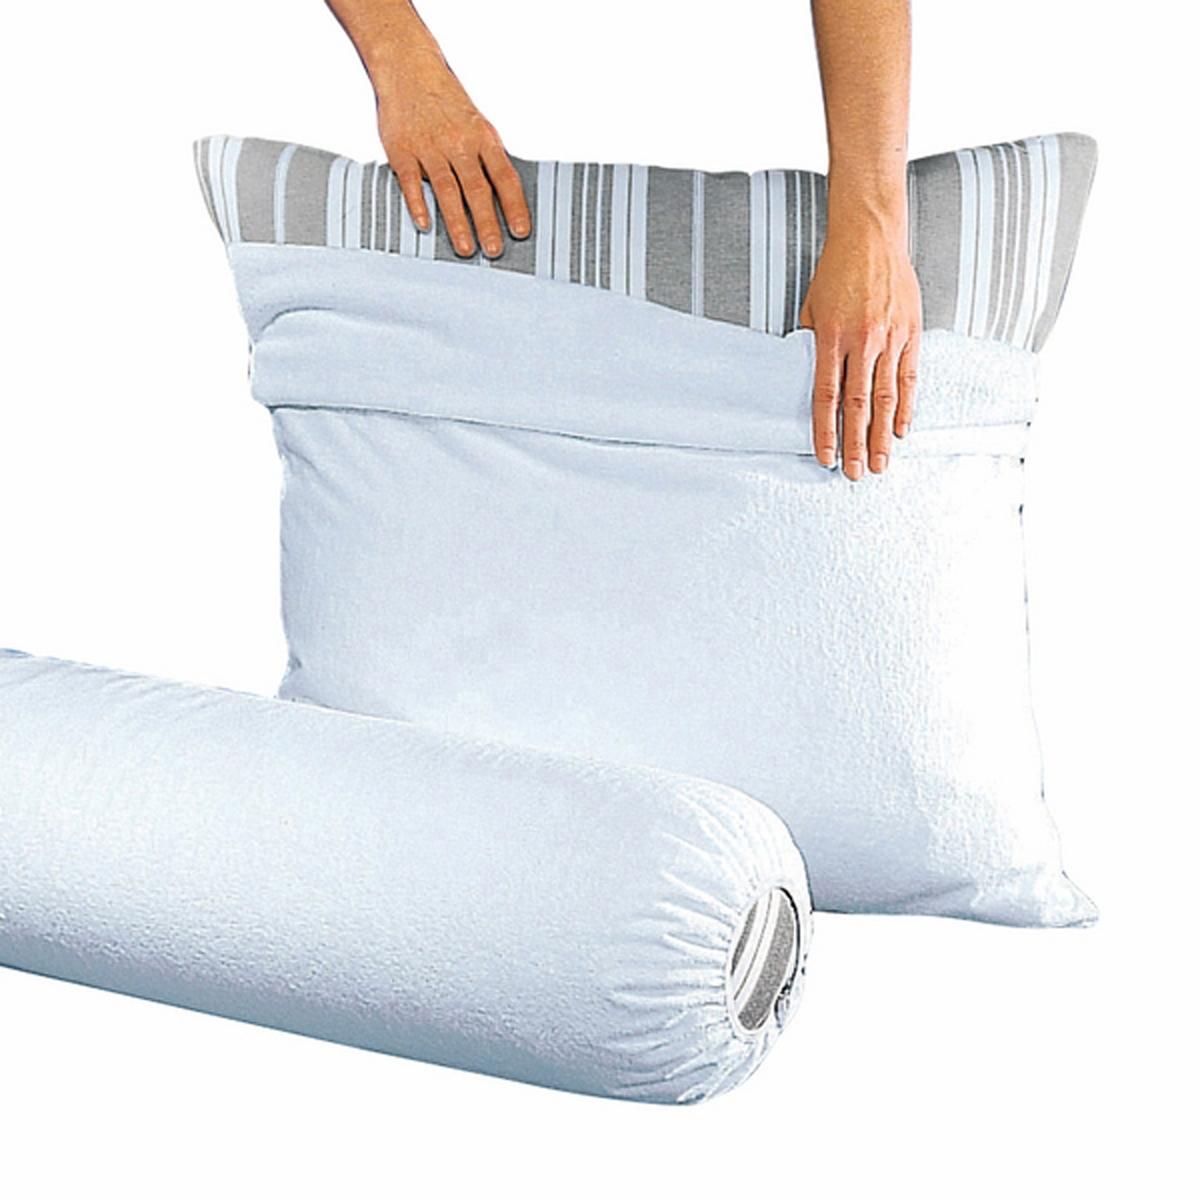 Чехол защитный для подушки, водонепроницаемыйХарактеристики Эластичный чехол для подушки-валика из махровой ткани с полиуретановой пропиткой (250 г/м?) и обработкой против клещей, водонепроницаемый, пропускает воздух и позволяет Вашей коже дышать   :.Биоцидная обработка  .100% экологически чистый материал.Материал: 80% хлопка, 20% полиэстера, плотность 400 г/м?.Машинная стирка при 60 °С.<br><br>Цвет: белый